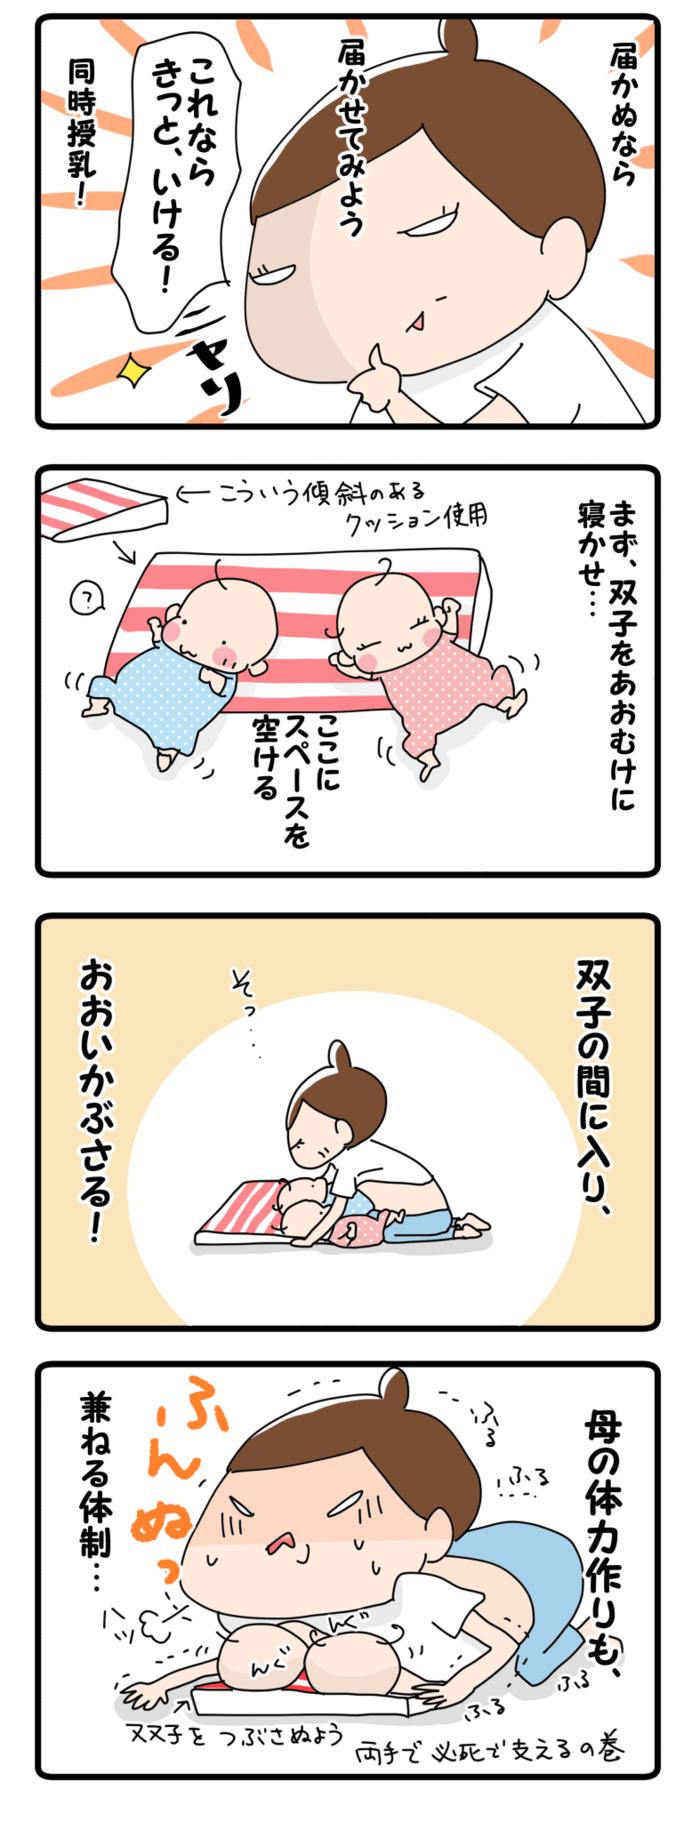 まだまだ諦めない!双子の同時授乳を成功させる方法とは?【No.35】おじゃったもんせ双子の画像1